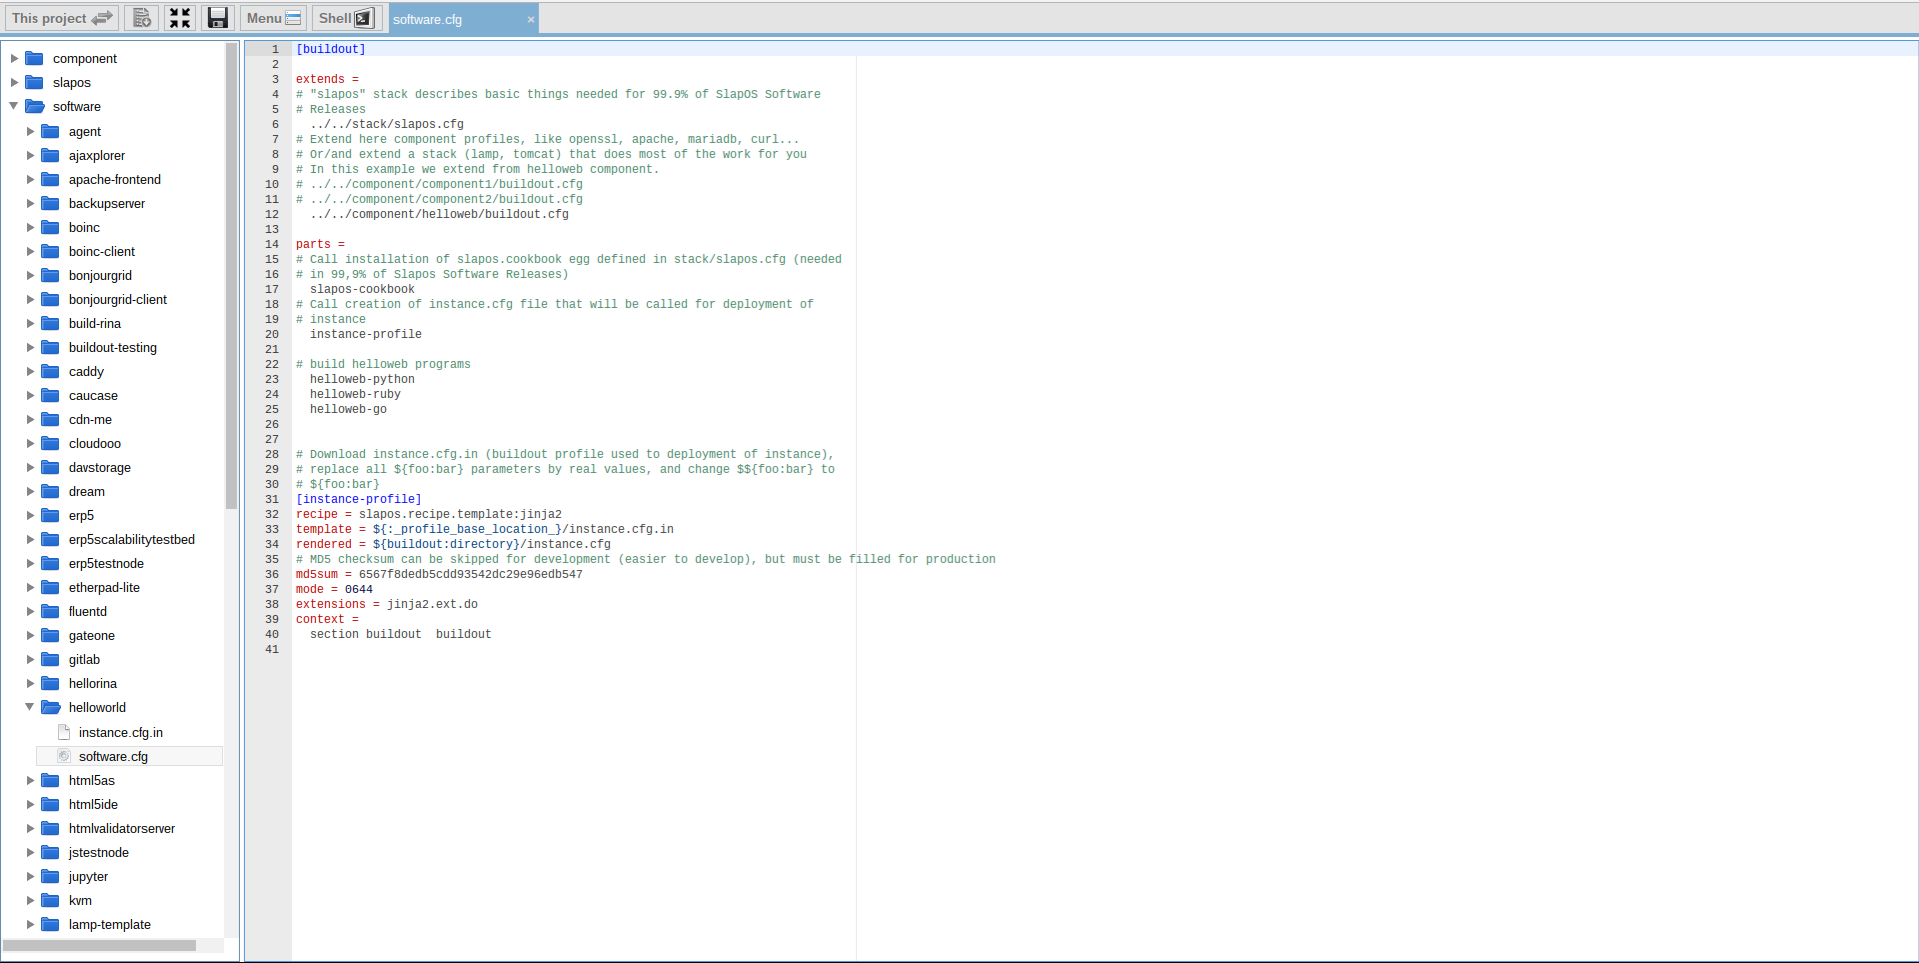 Extending Software Release - Webrunner Interface - Helloworld Software Config